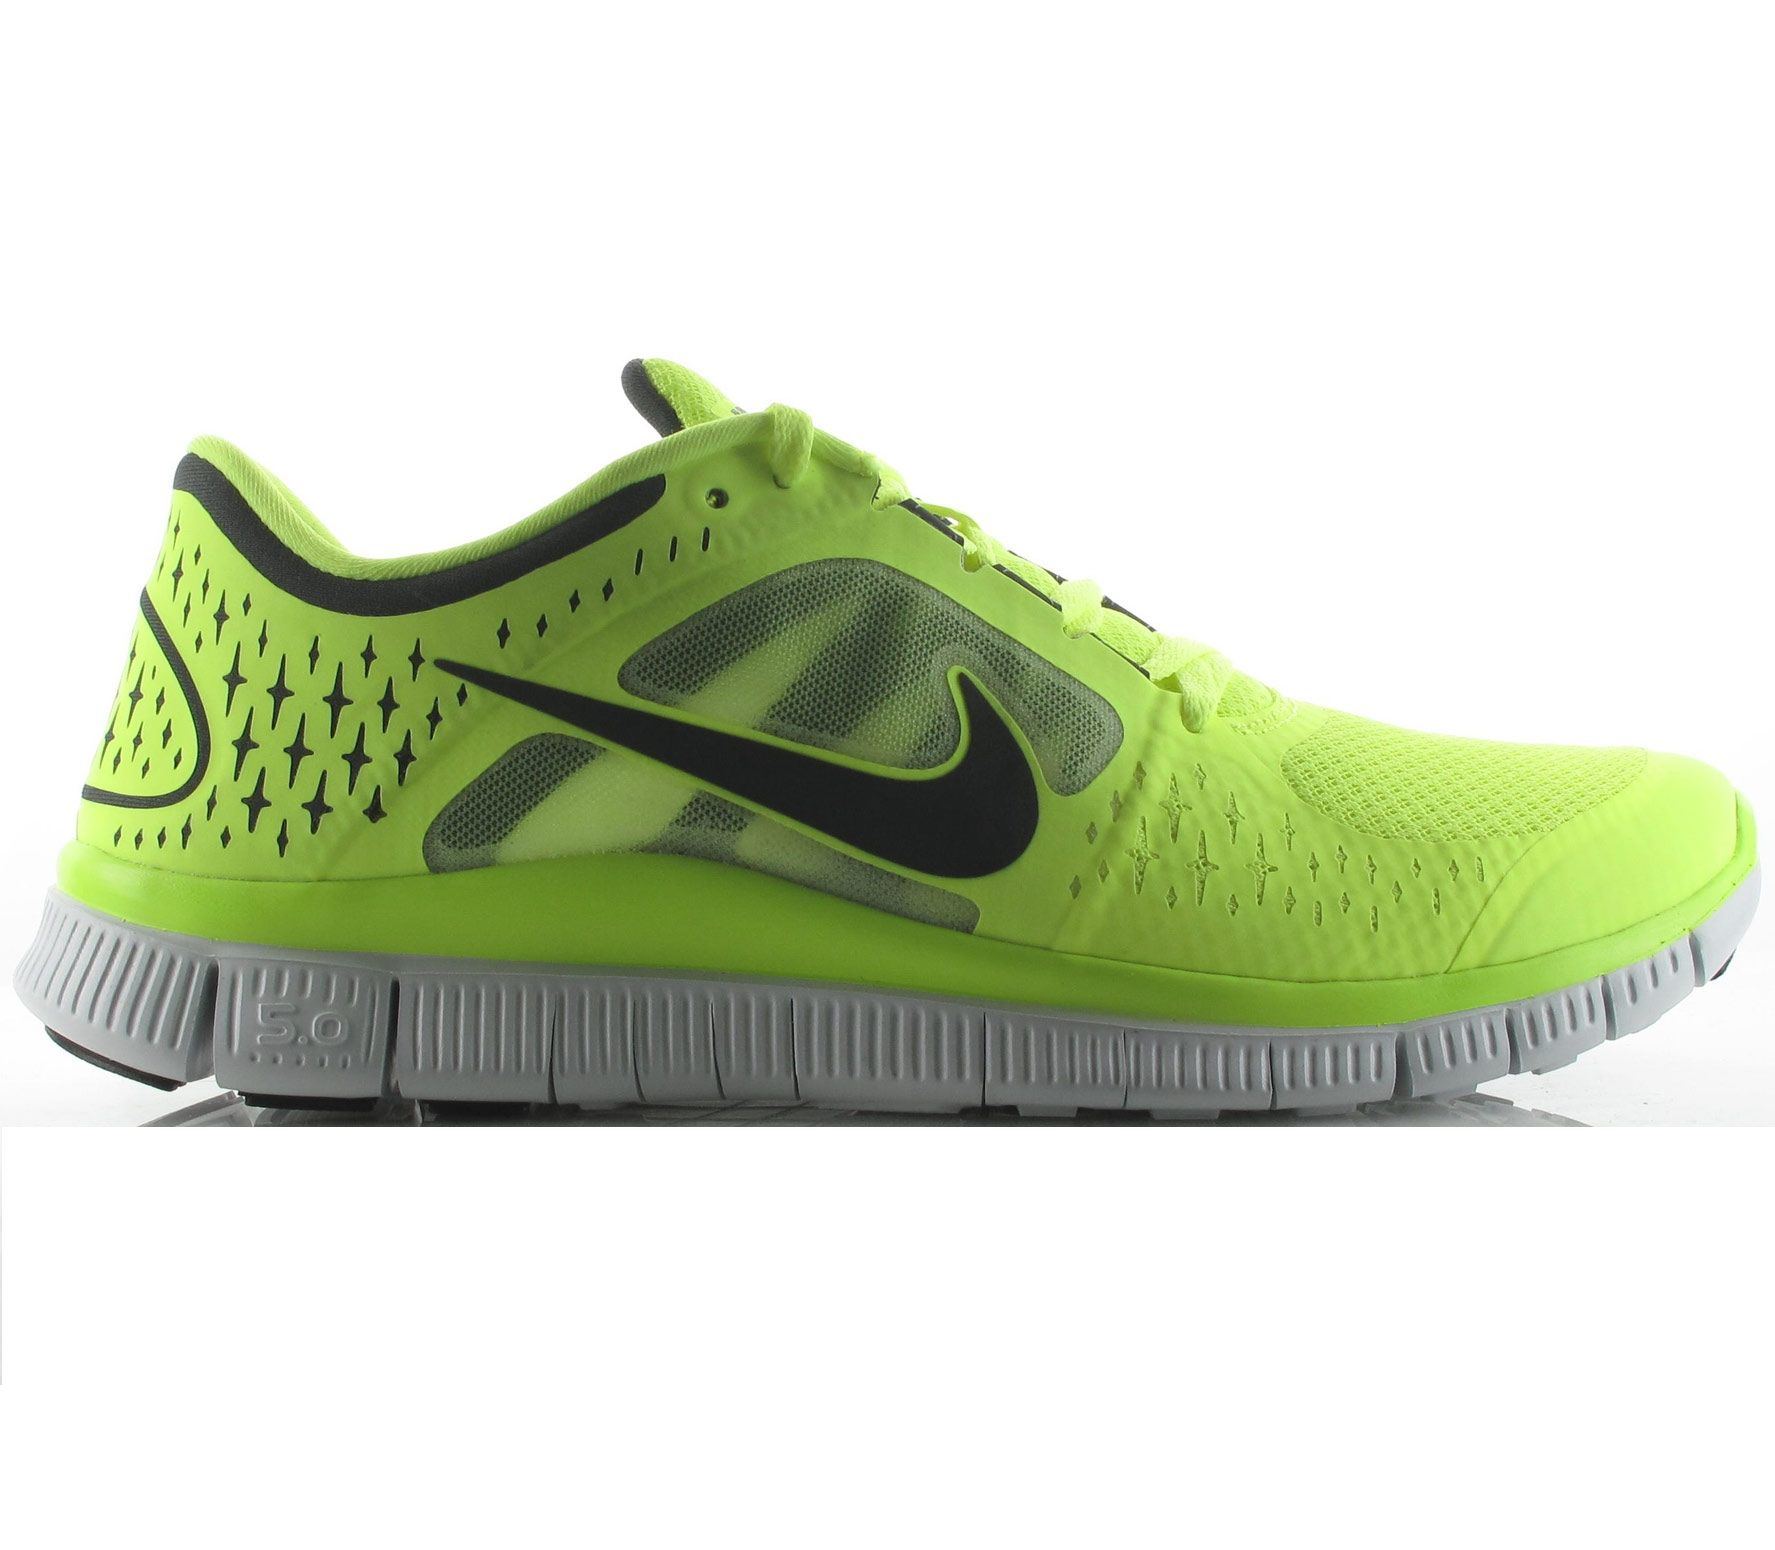 Jaune 3 Free Chaussure Pour Run Homme Nike De À Course Pied BwvfqxEd